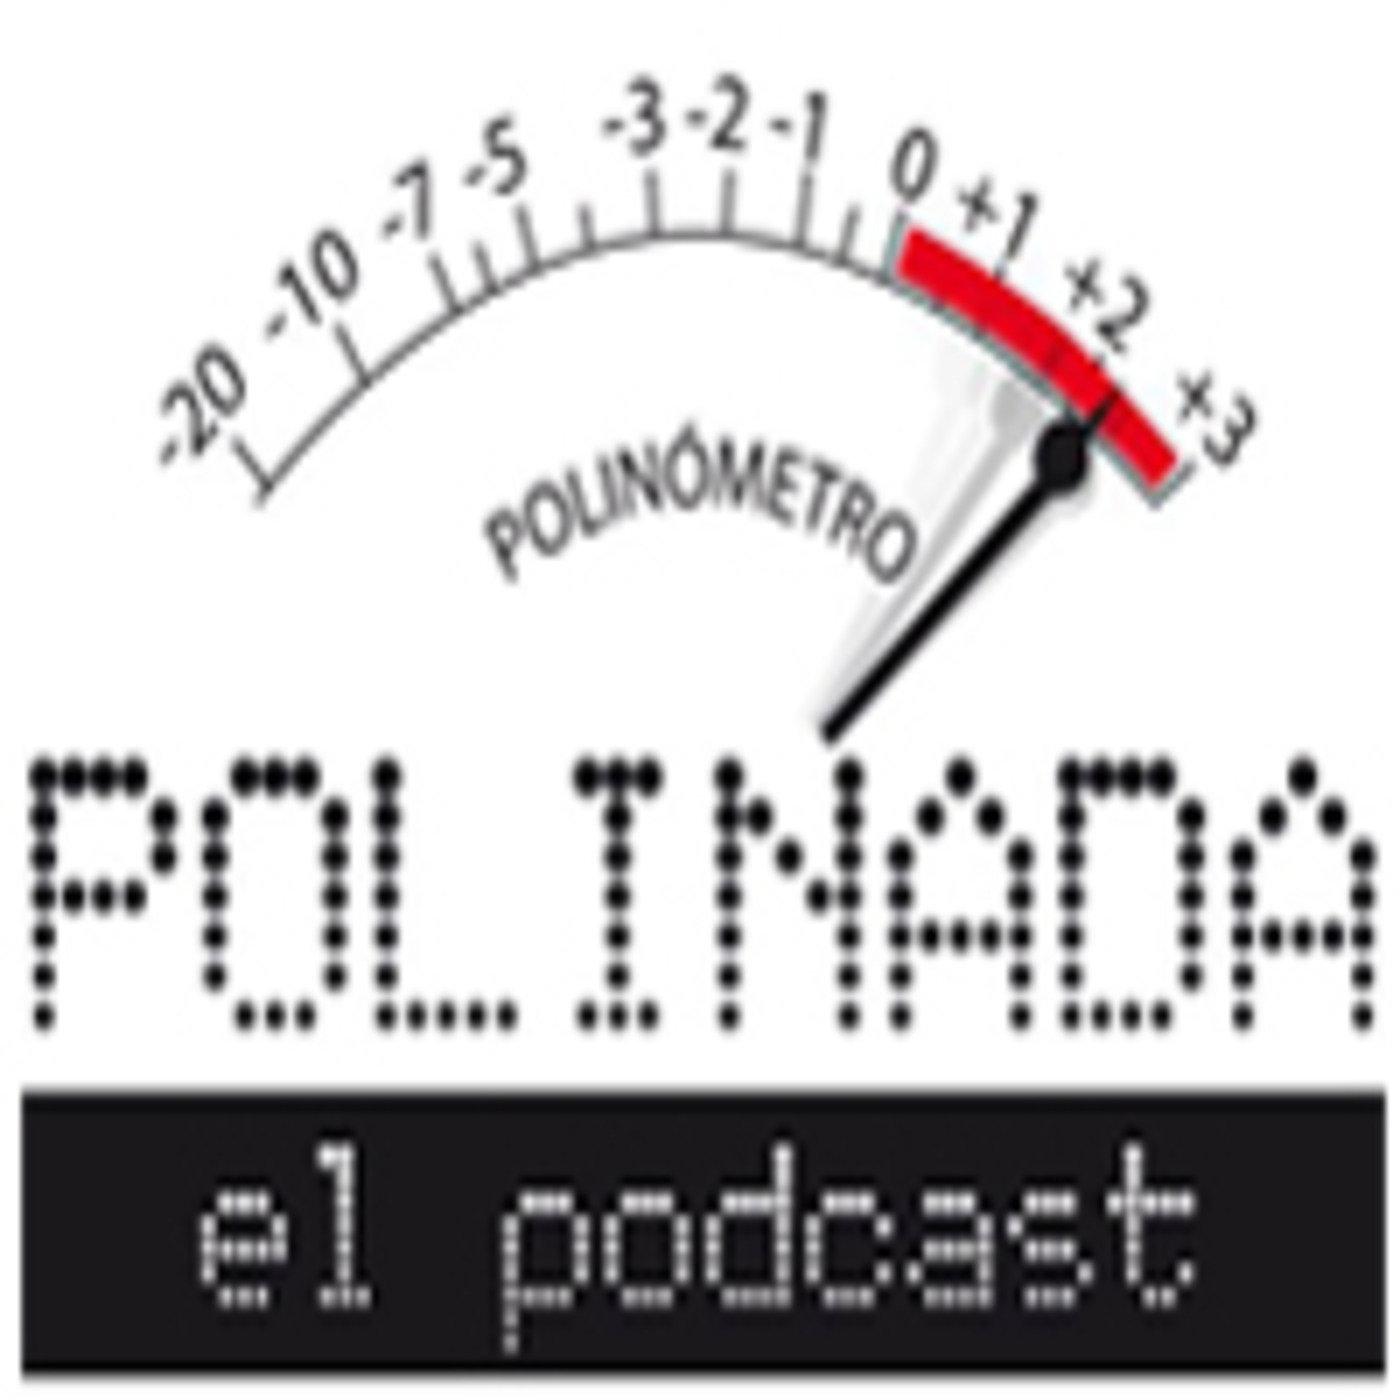 <![CDATA[Polinada el podcast]]>